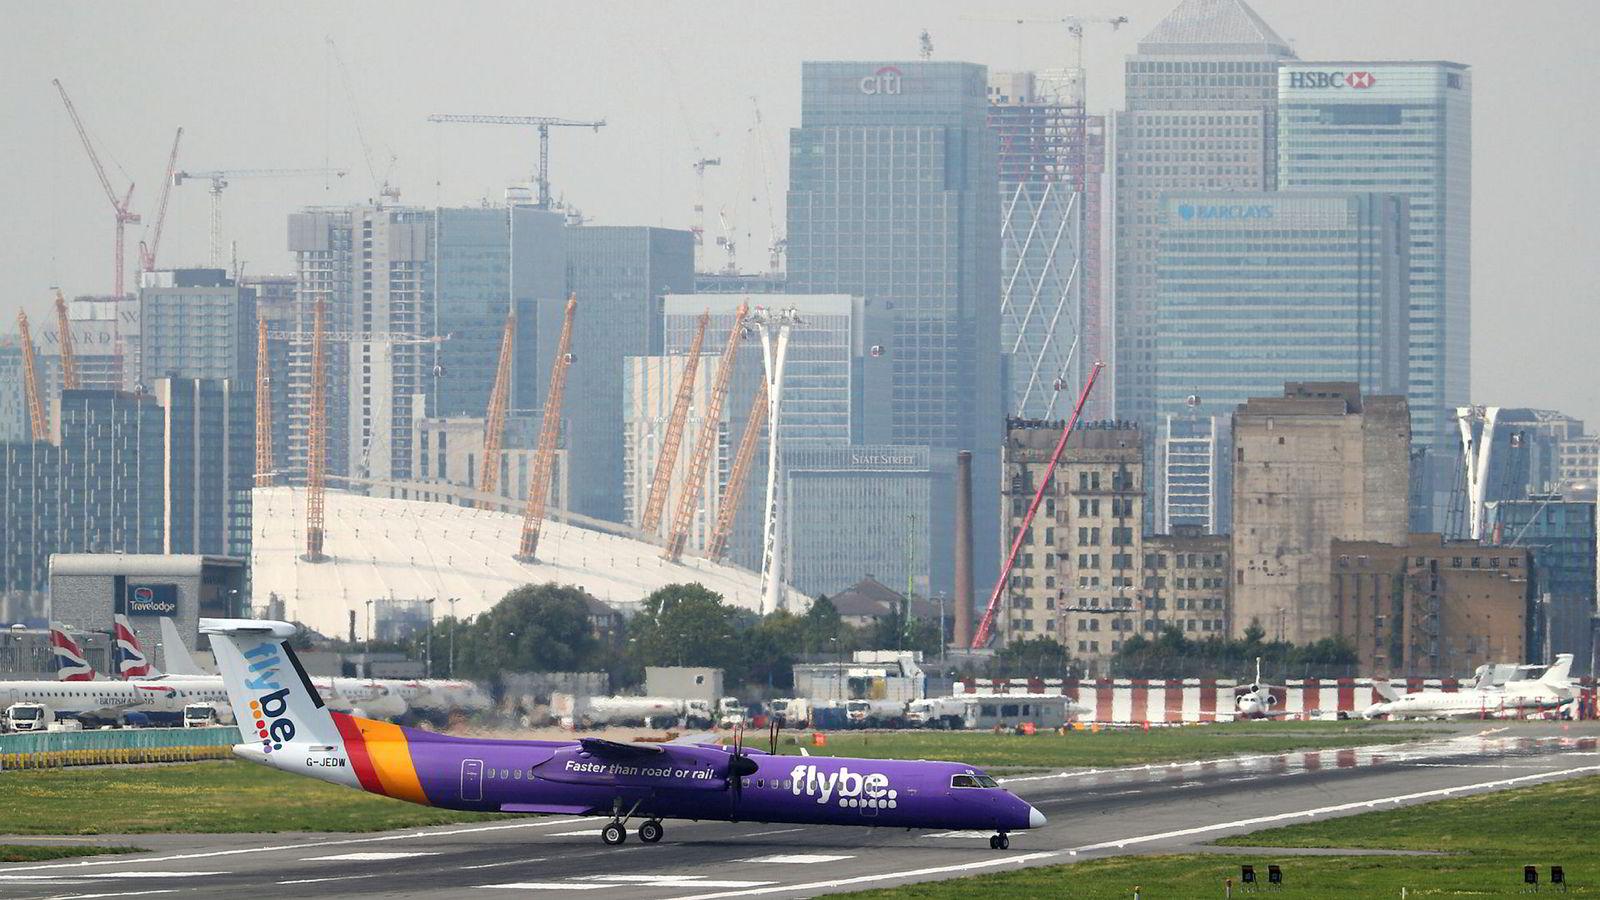 Et Flybe-fly av typen Bombardier Dash 8 Q400 takser på rullebanen ved City Airport, London.